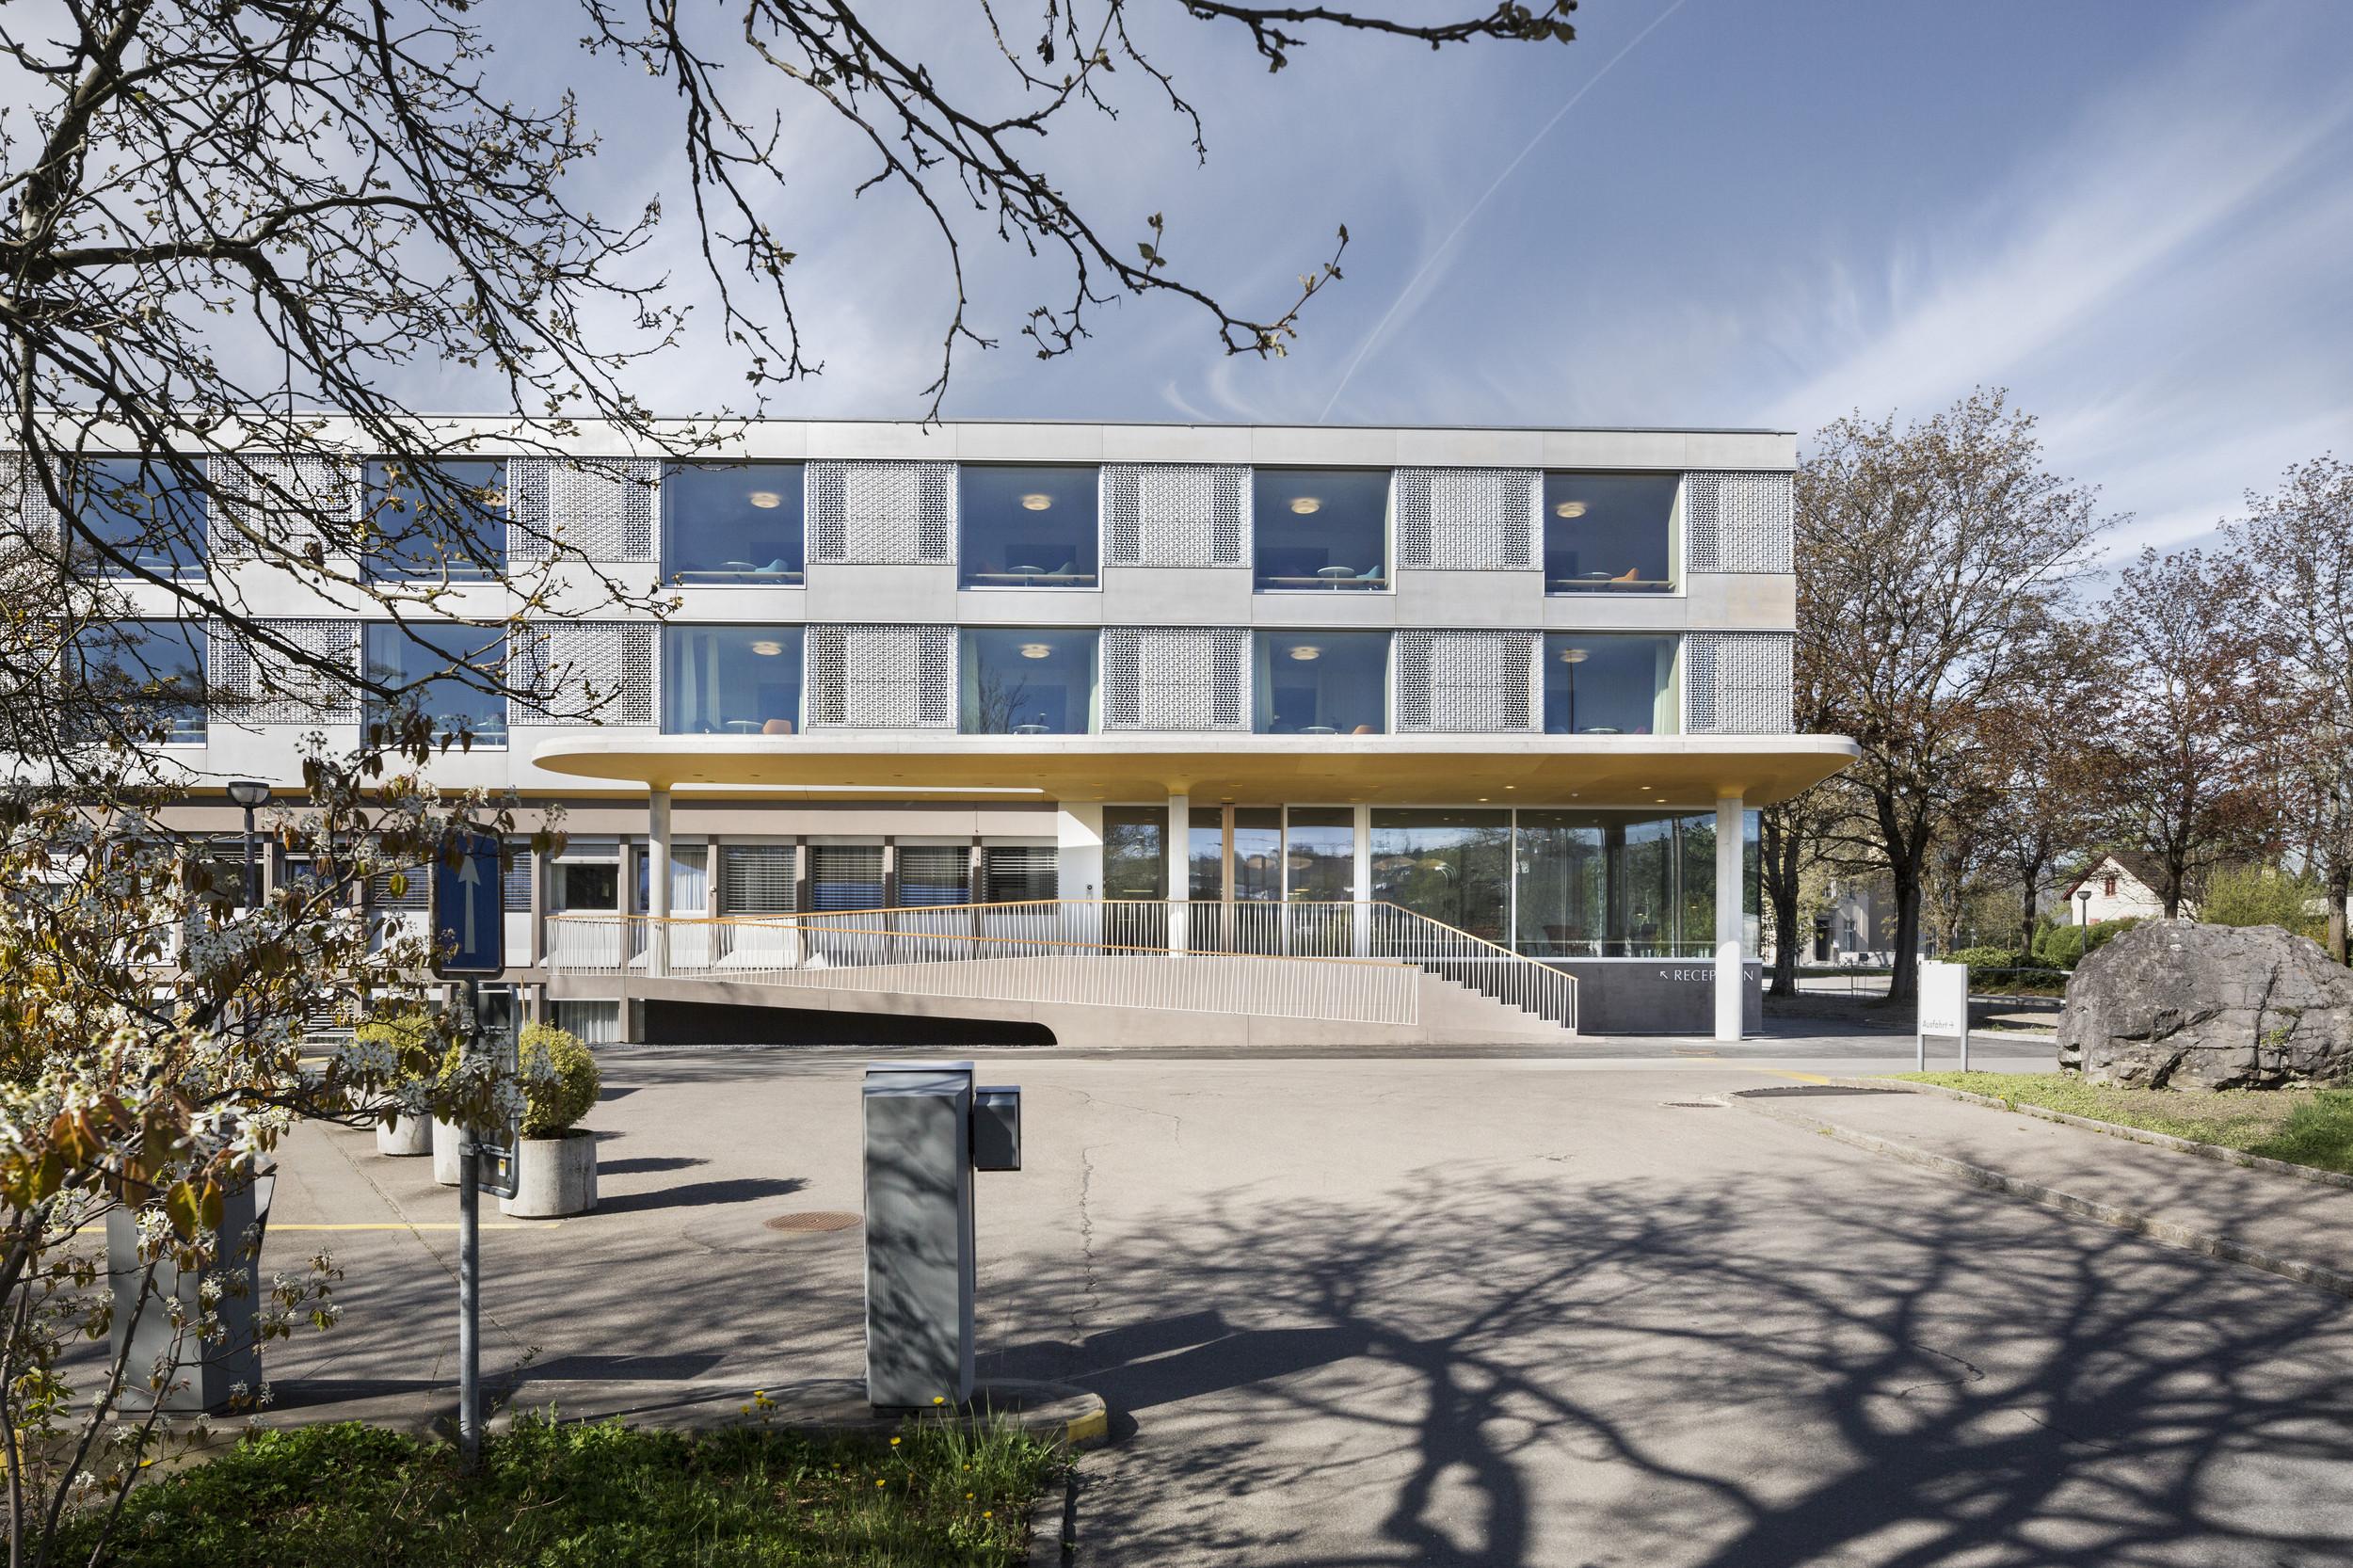 Klinik mit gleichmässiger Fensteranordnung und -anzahl in Holz-/Stahl-Leichtbau